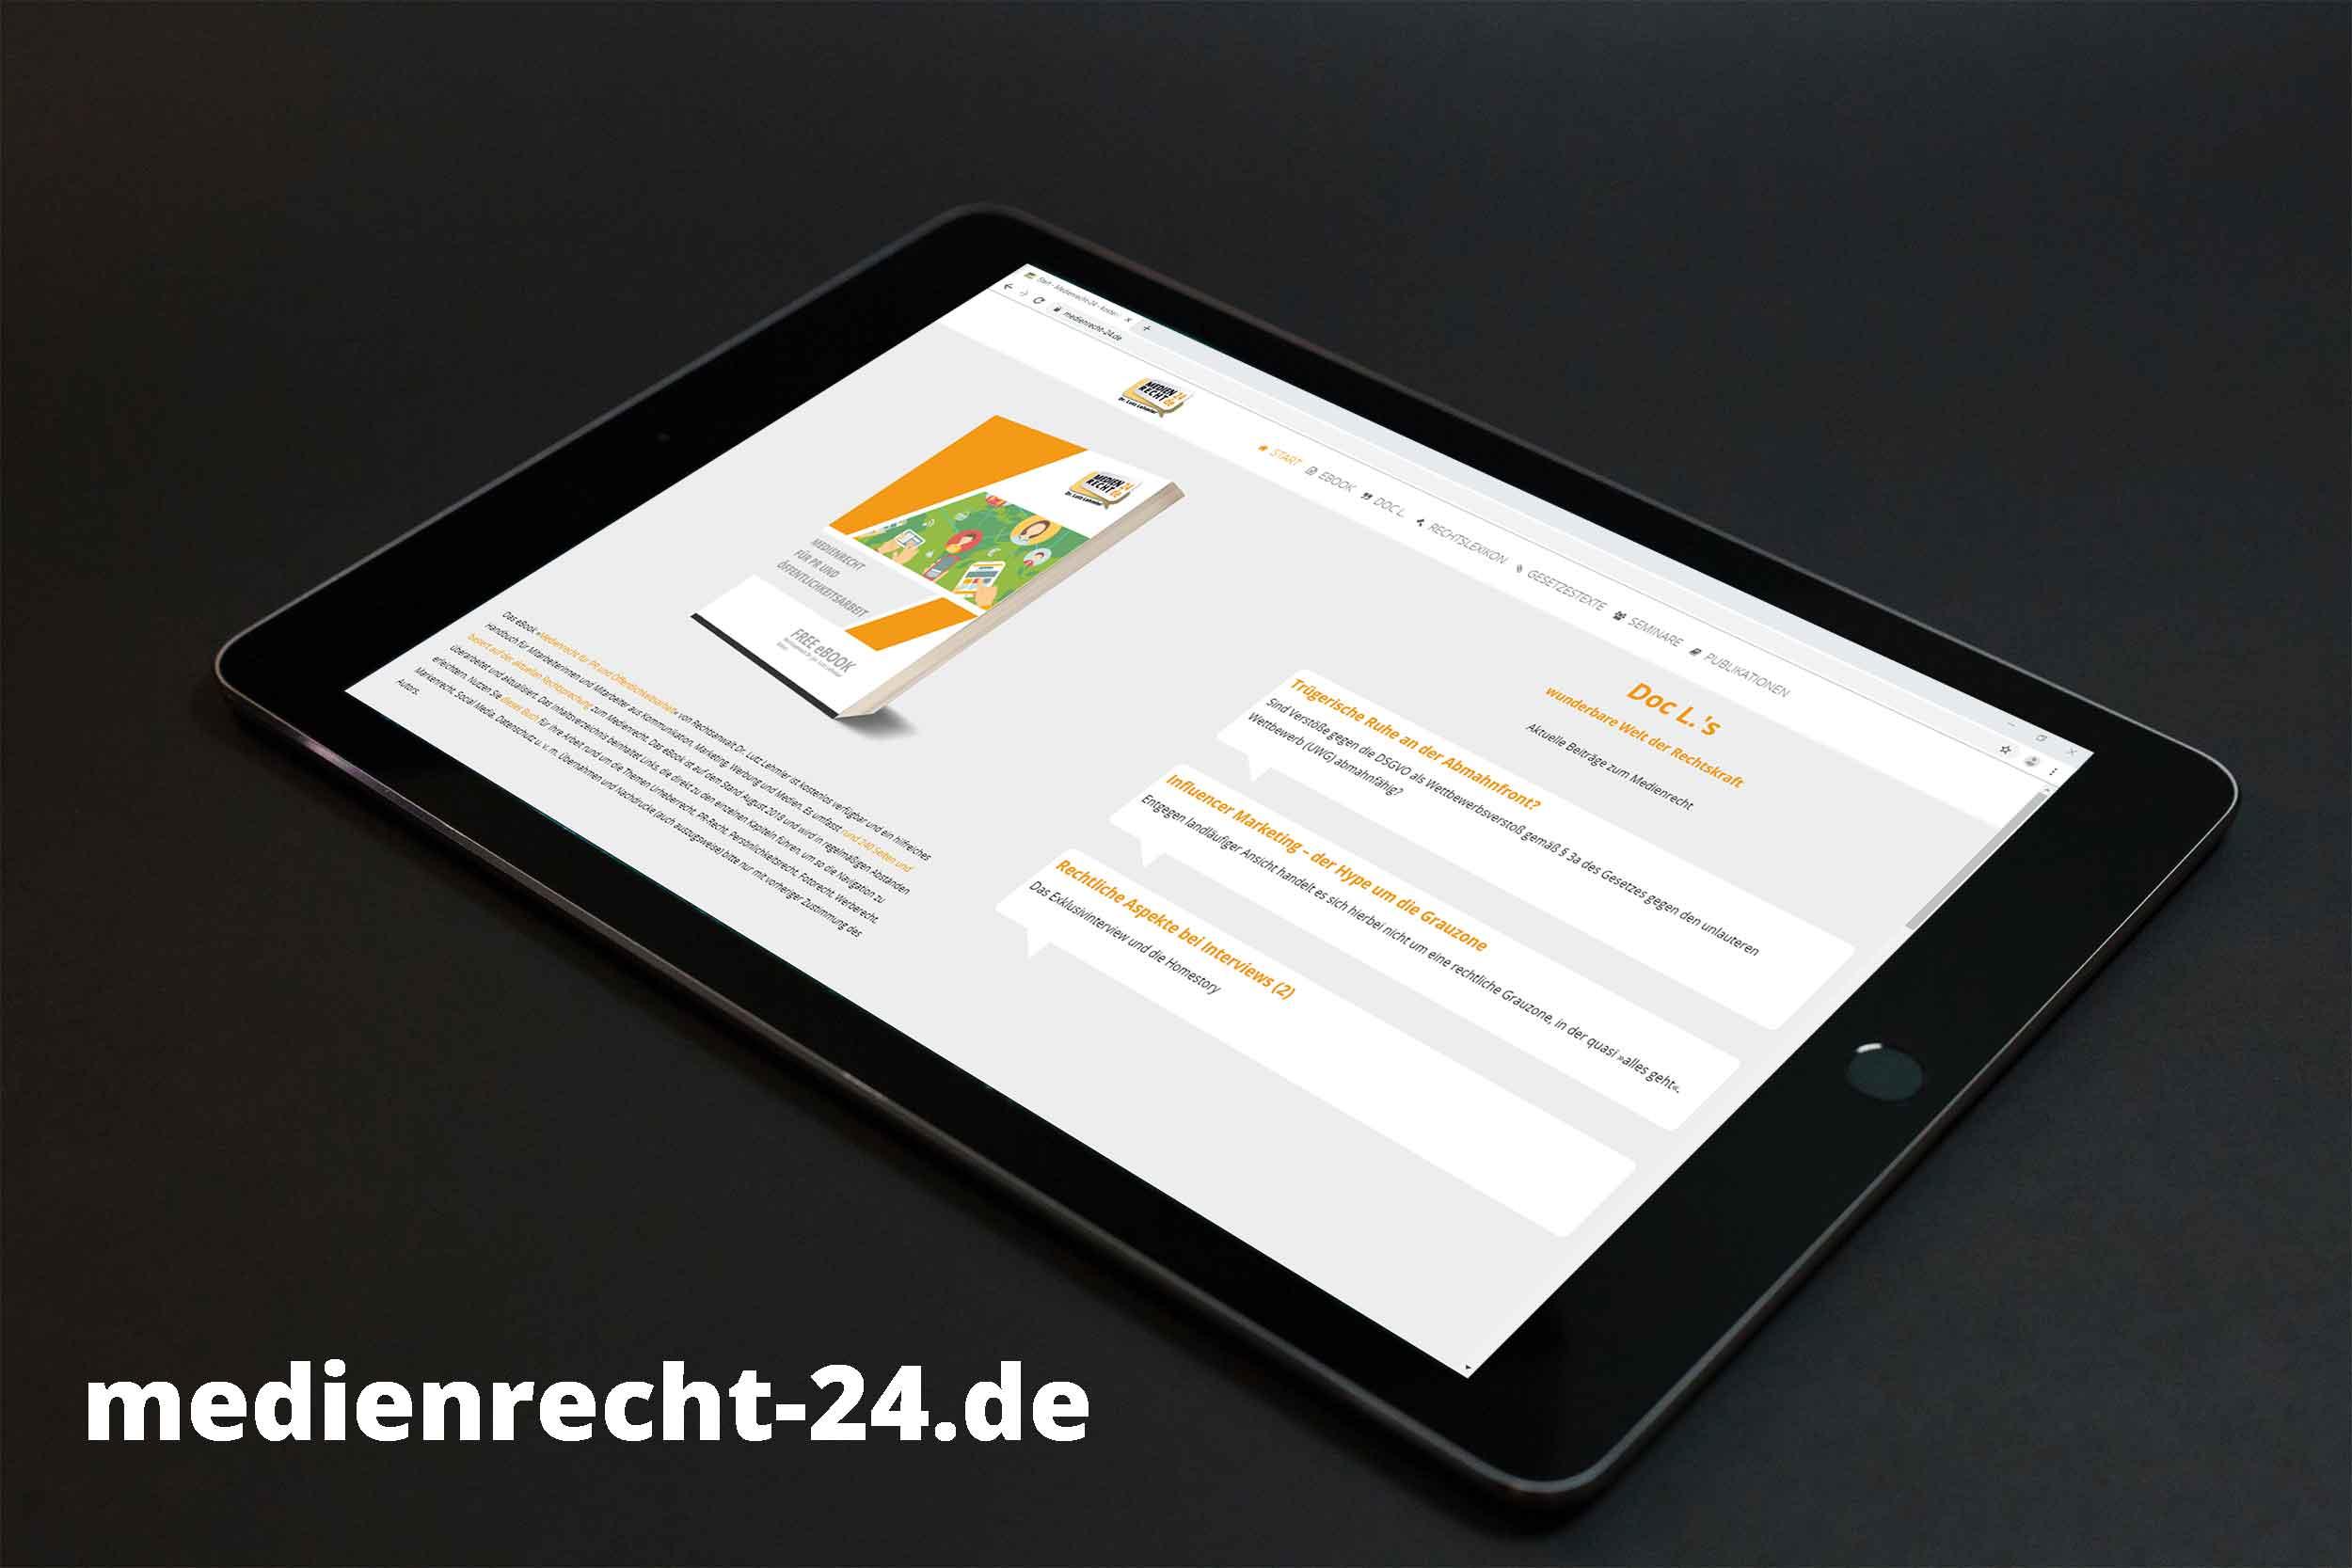 Medienrecht-24.de